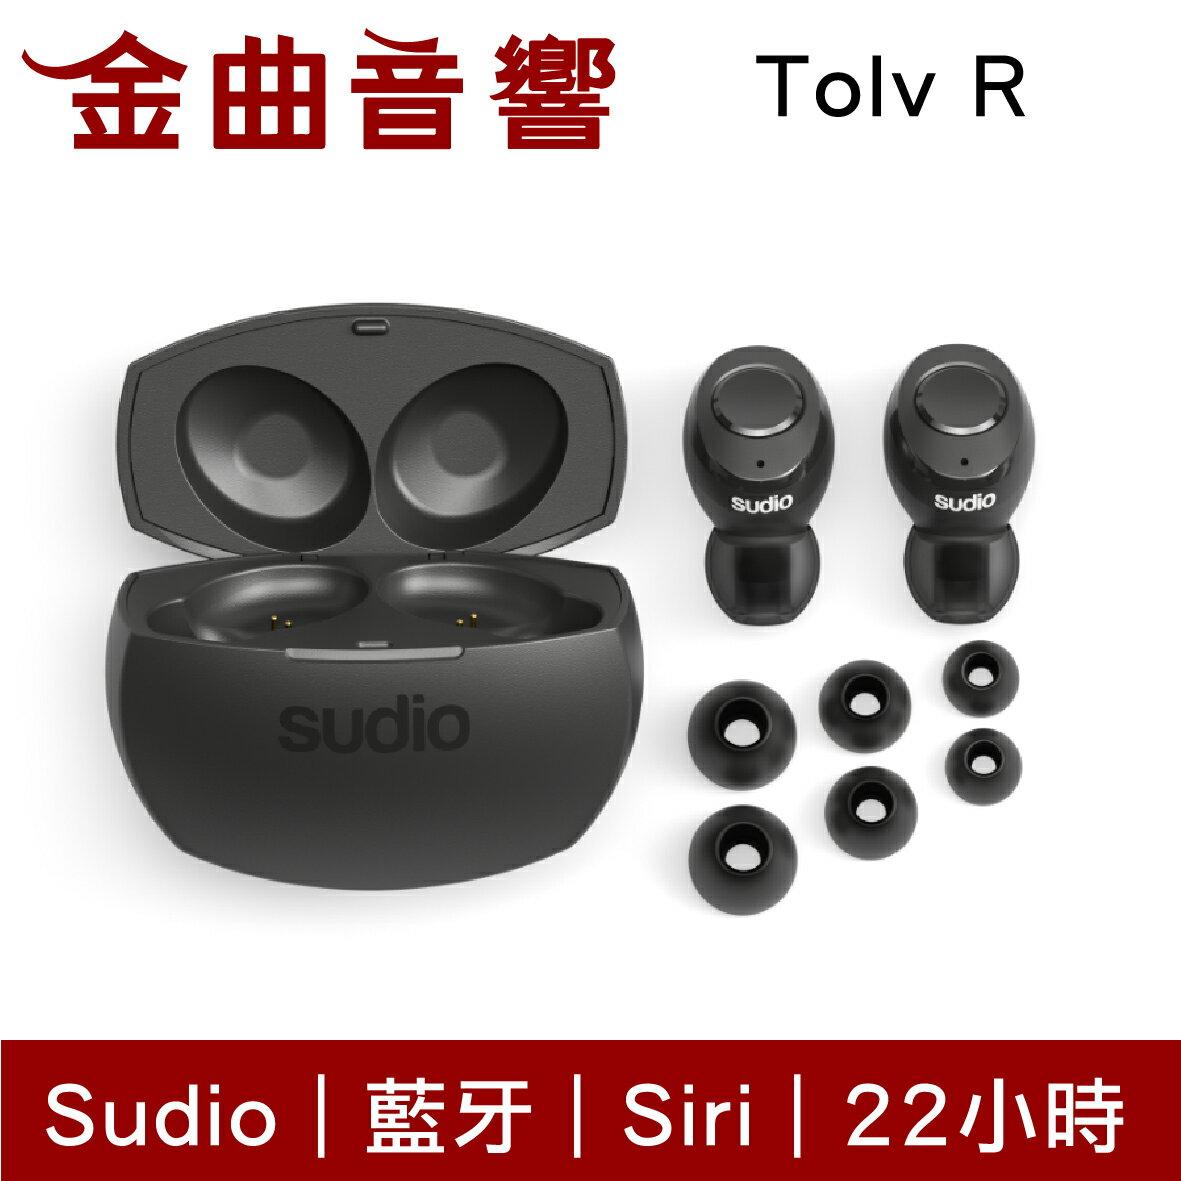 Sudio Tolv R 黑色 真無線藍牙耳機 可通話 輕巧 語音助理 TolvR | 金曲音響